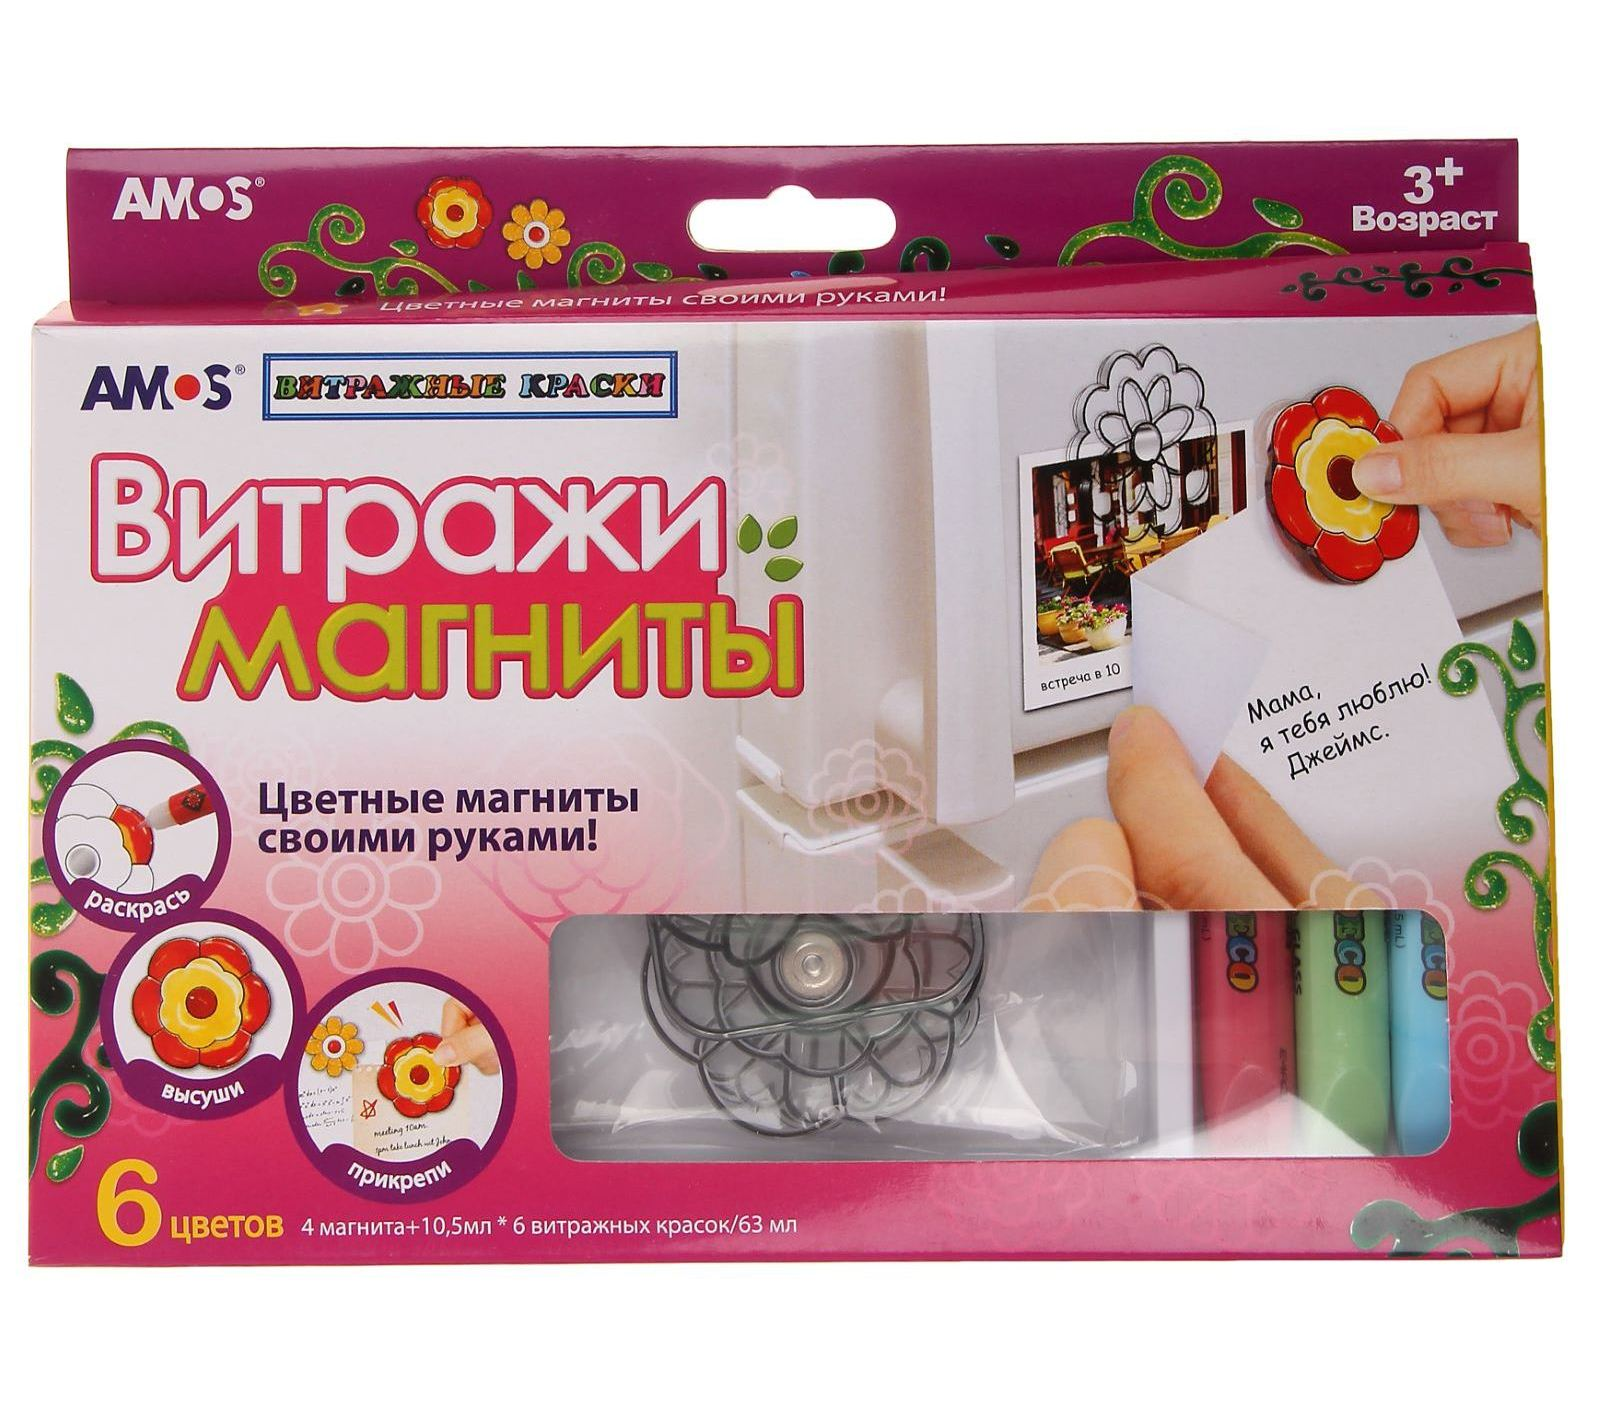 Витражи - Магниты , 4 магнита, 6 цветовВитраж<br>Витражи - Магниты , 4 магнита, 6 цветов<br>